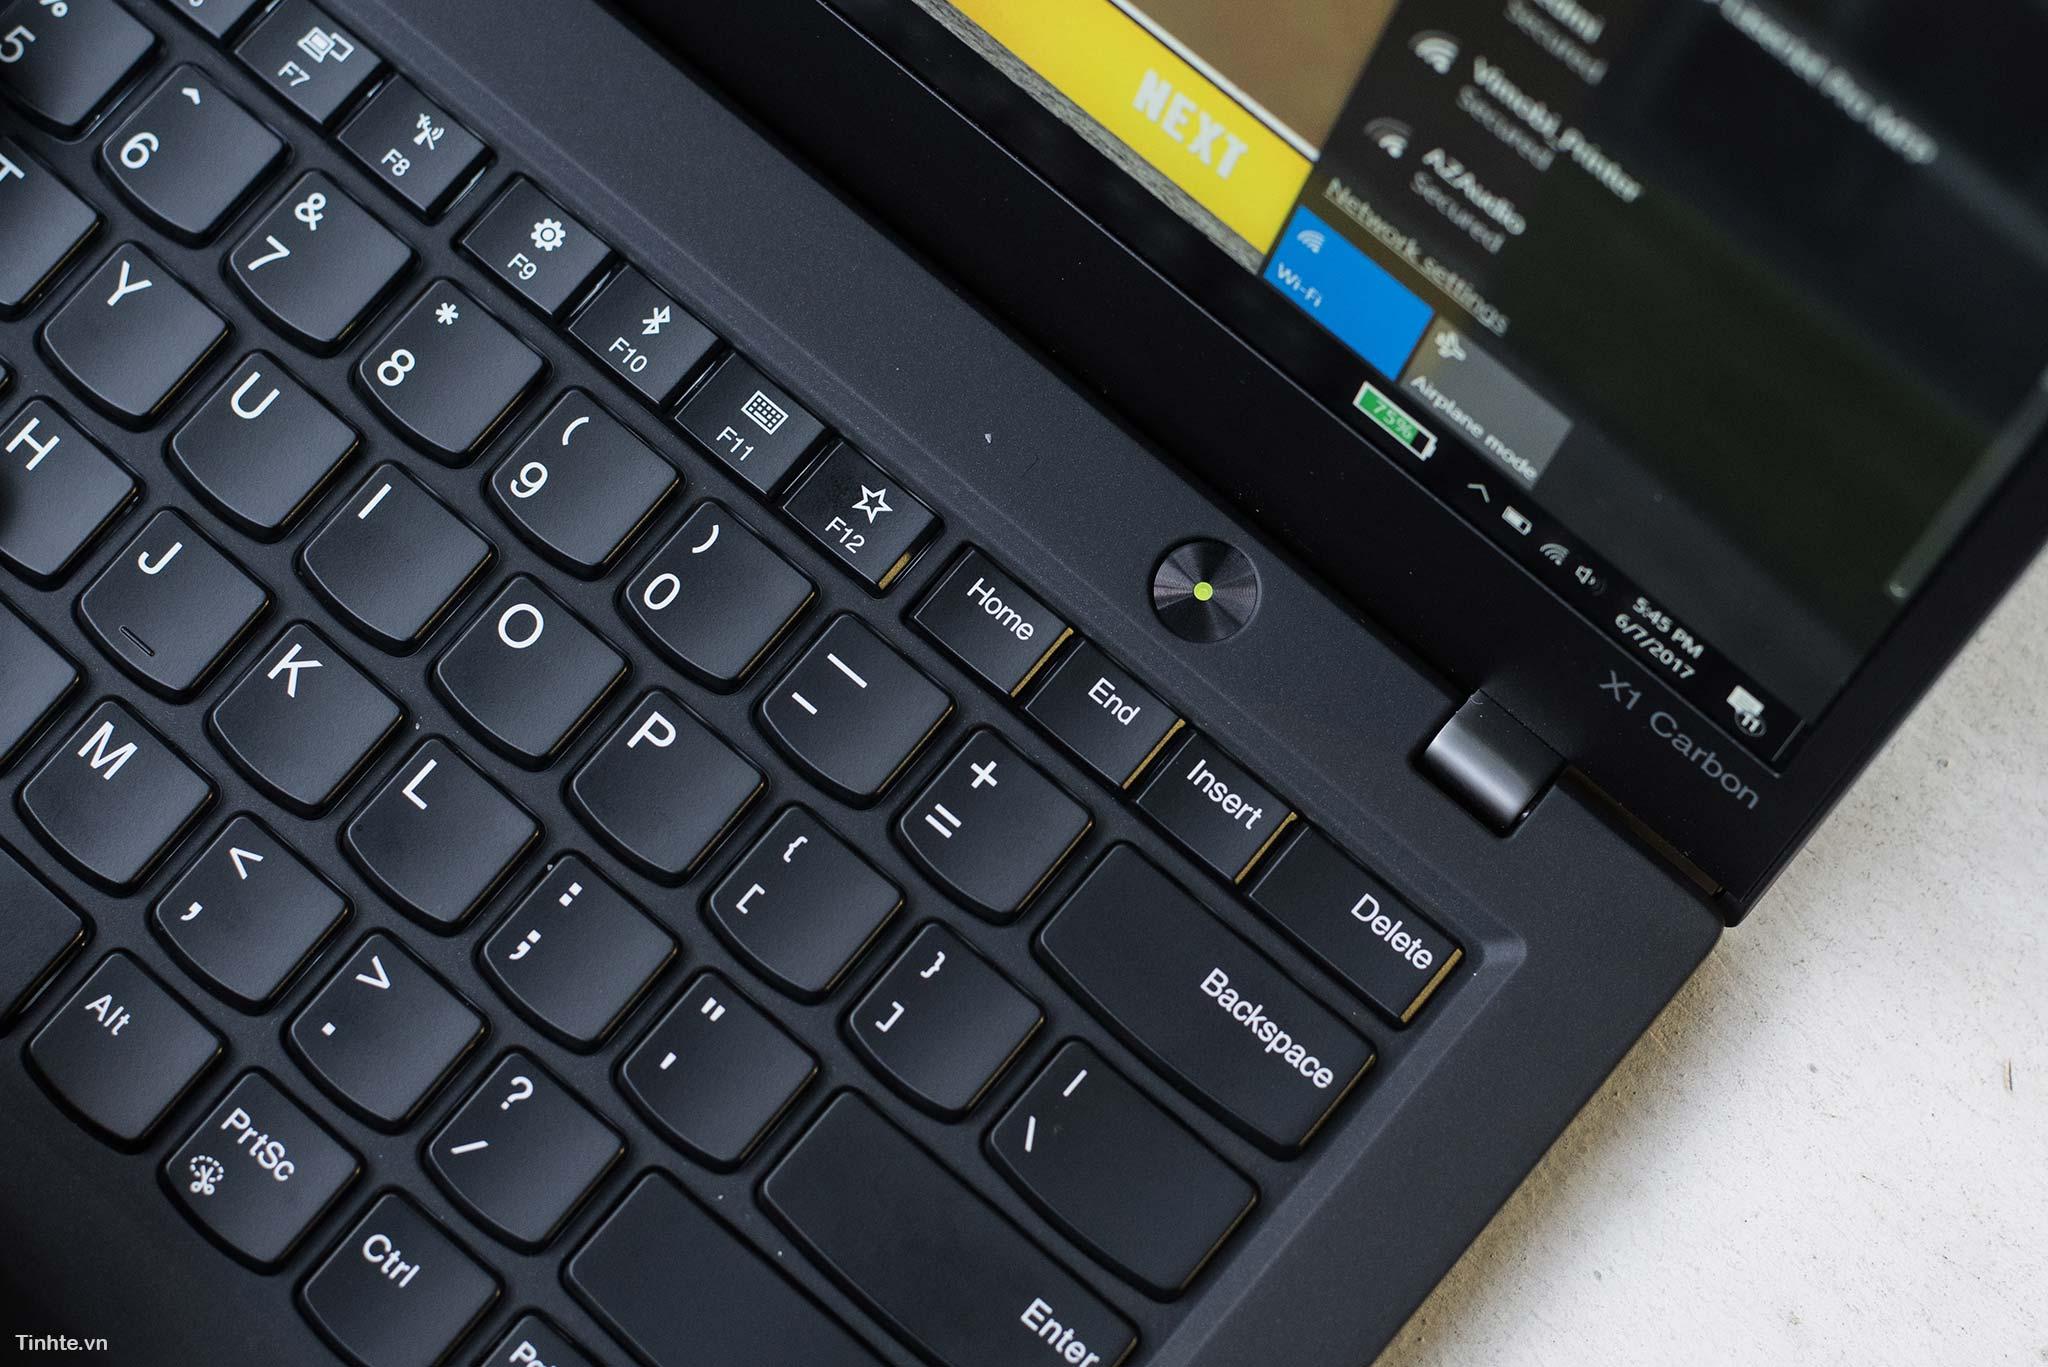 ThinkPad X1 cacbon - laptop cao cấp cho doanh nhân 40653212